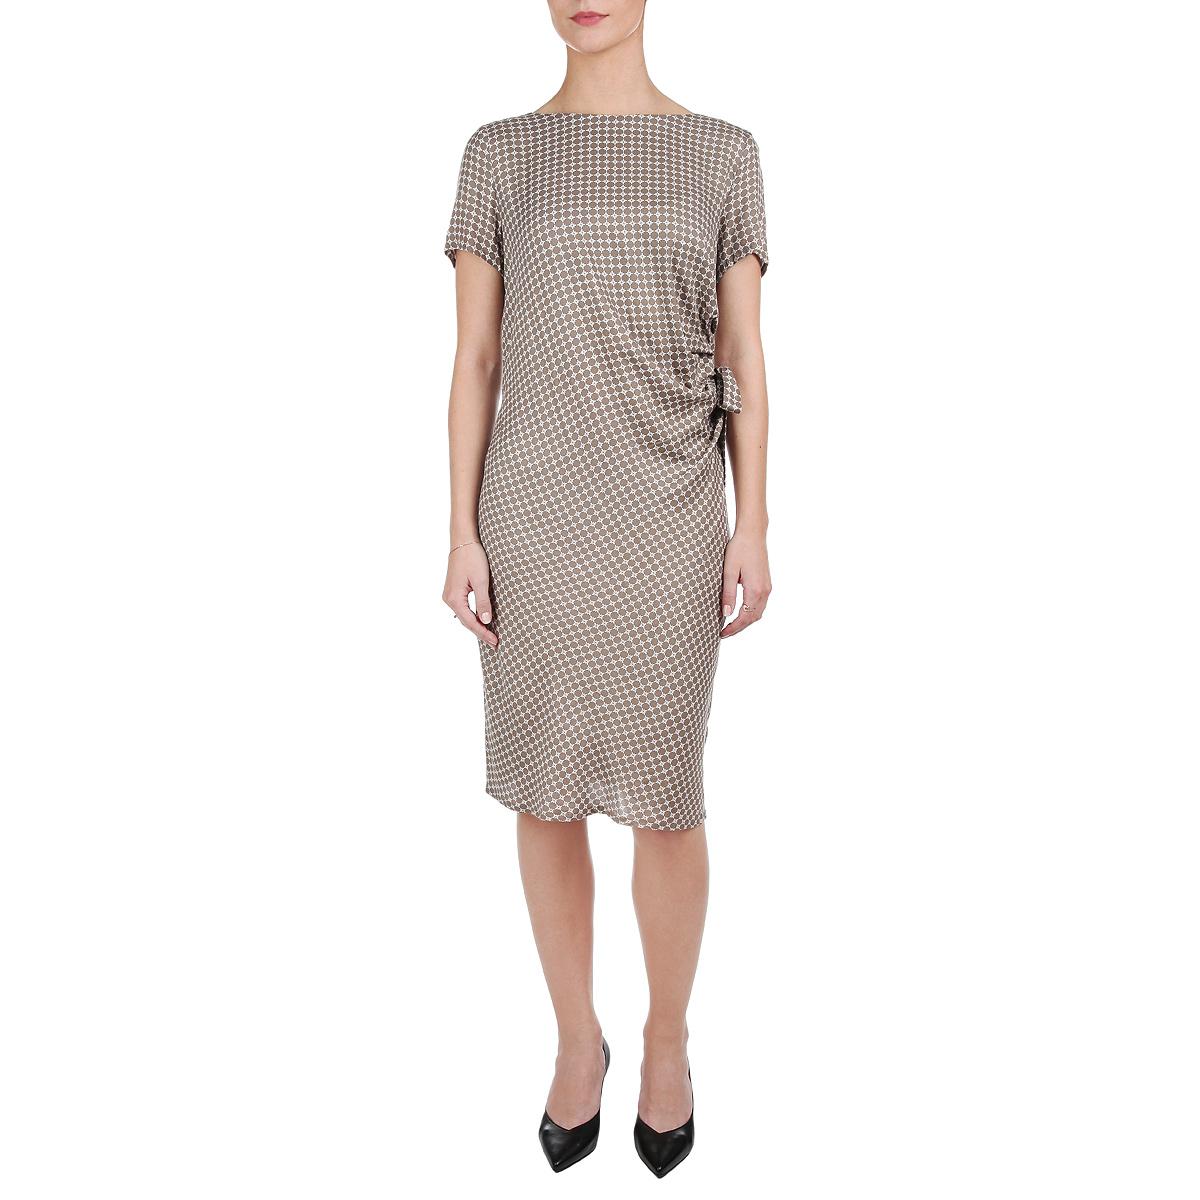 Платье. S15-11036S15-11036_602Элегантное платье Finn Flare, выполненное из мягкой вискозы, создаст утонченный образ. Платье с круглым вырезом горловины и короткими рукавами, сбоку на талии слегка присборено и оформлено бантом. На спинке изделие застегивается на потайную молнию. Облегающий силуэт и актуальная длина выгодно подчеркнут все достоинства вашей фигуры. Эффектное платье станет замечательным дополнением к вашему летнему гардеробу.